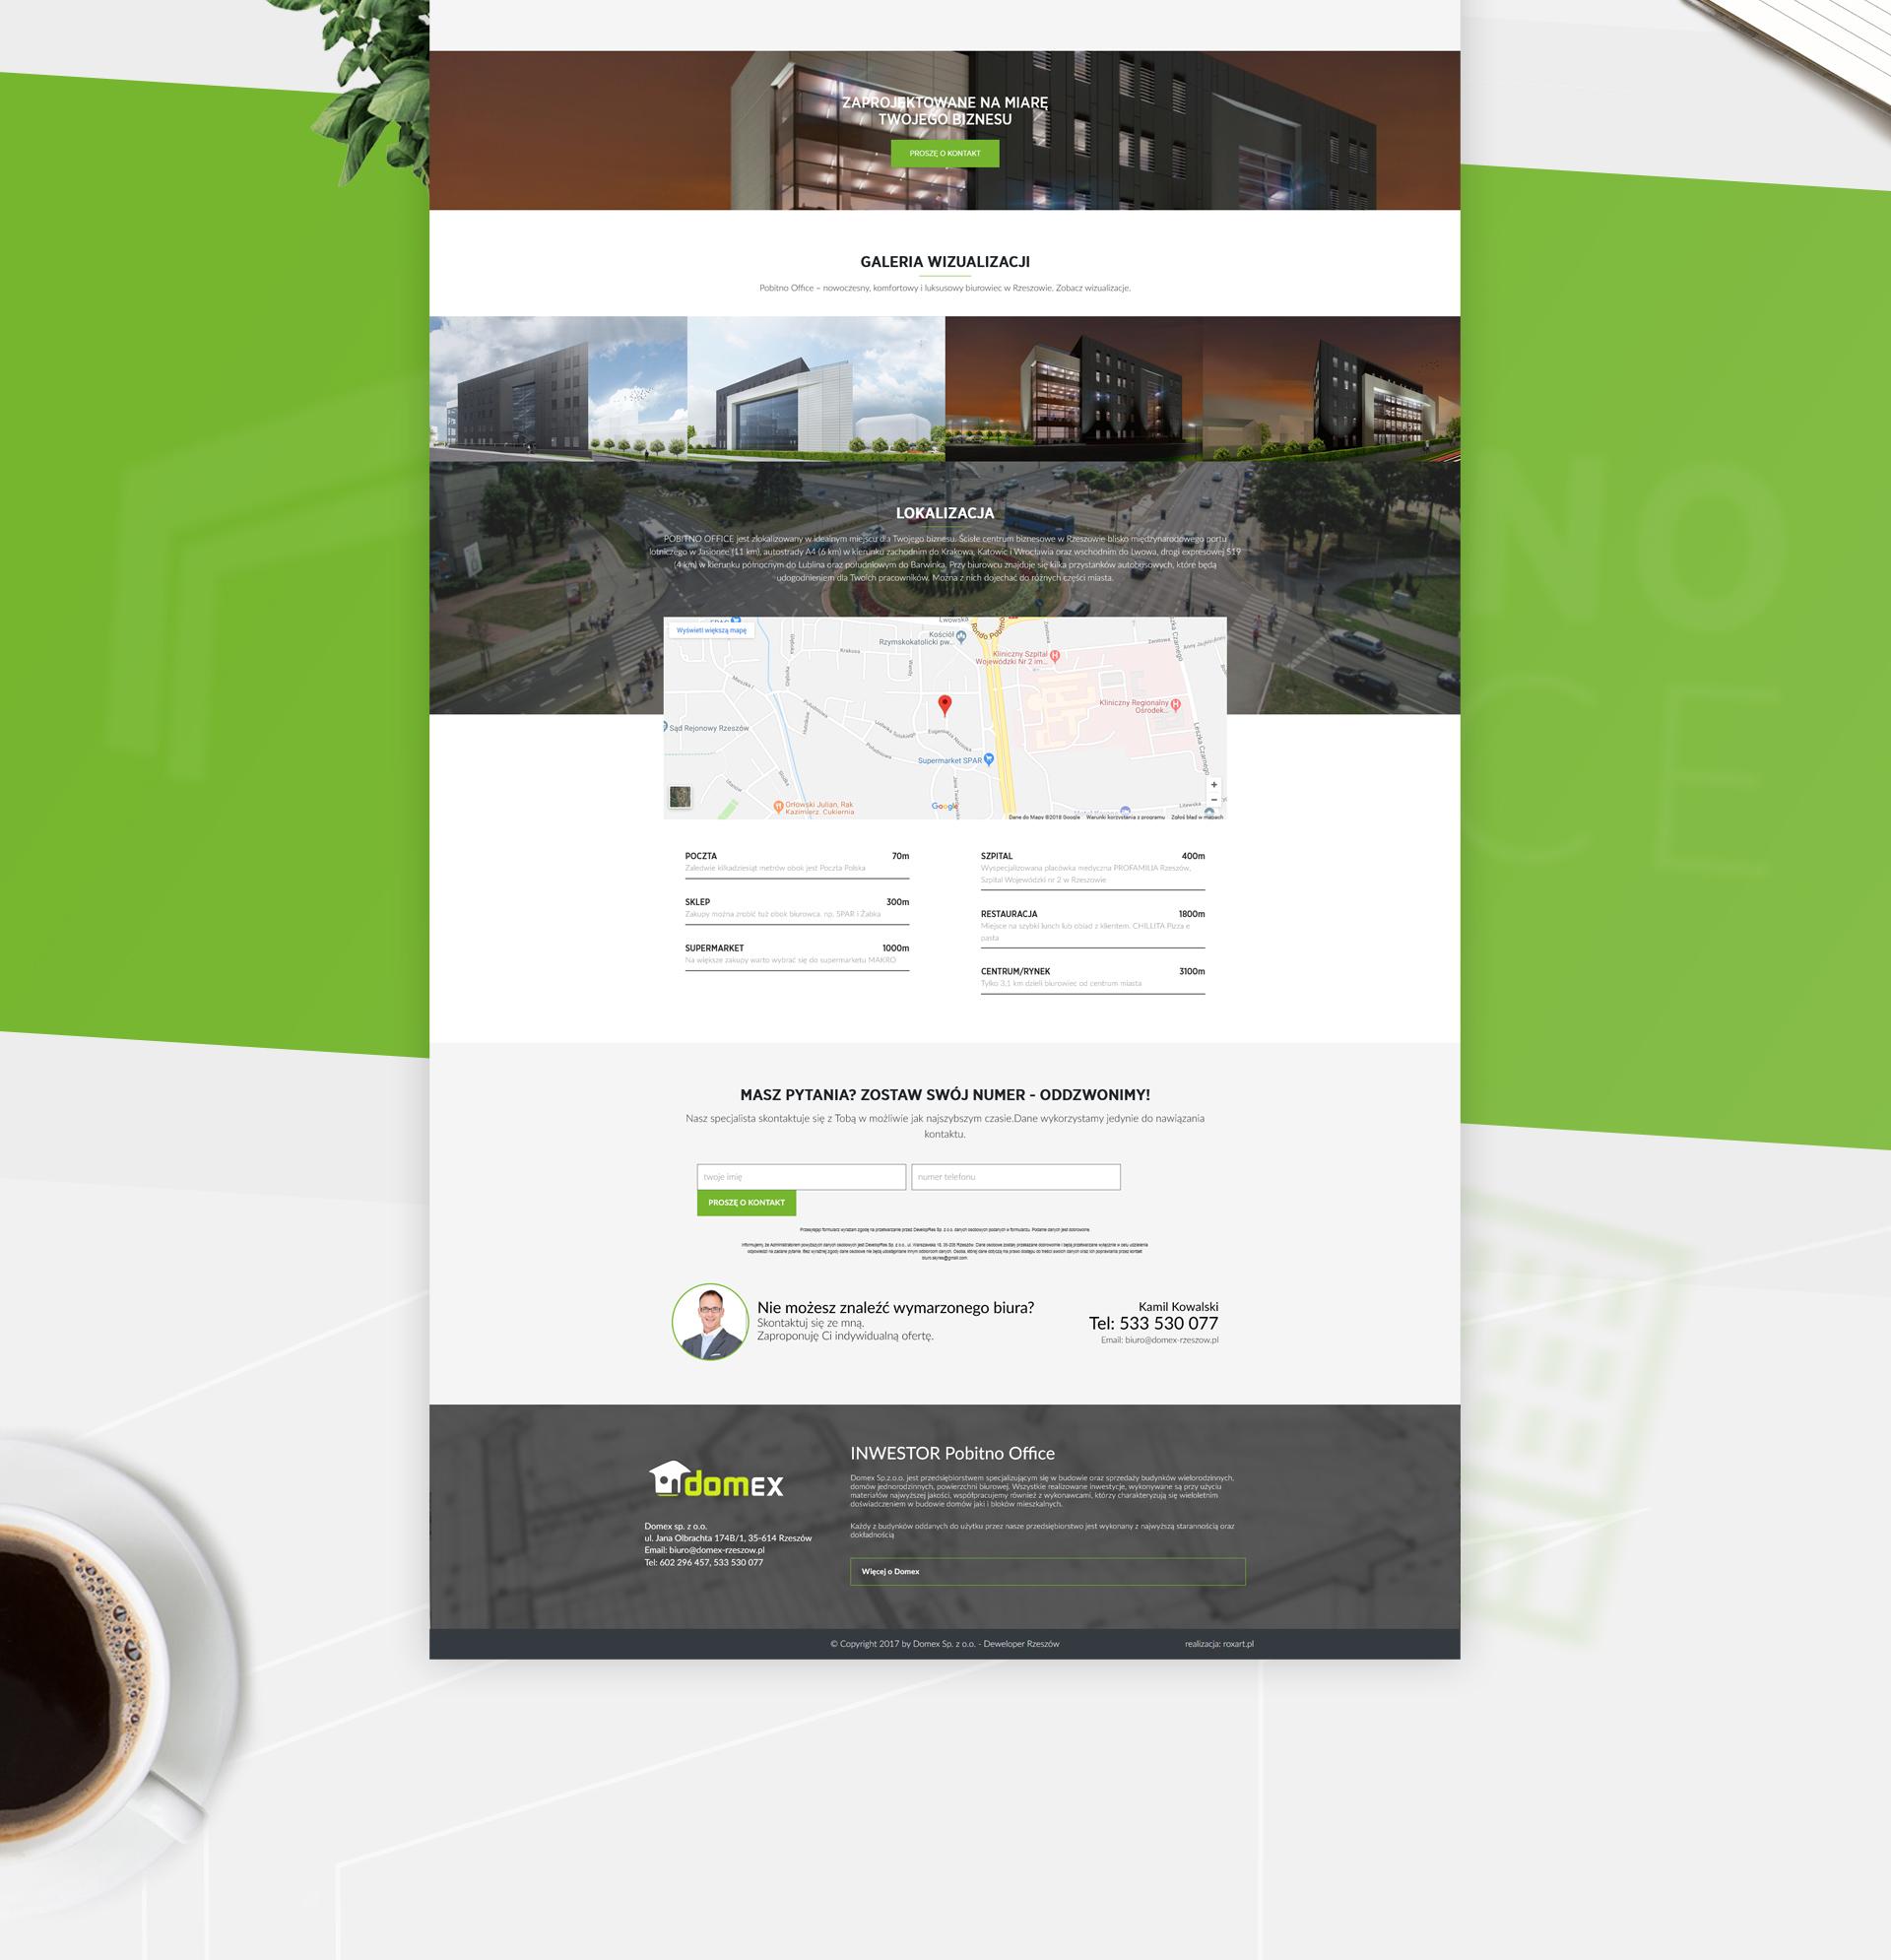 Pobitno Office - Realizacja - Agencja ROXART